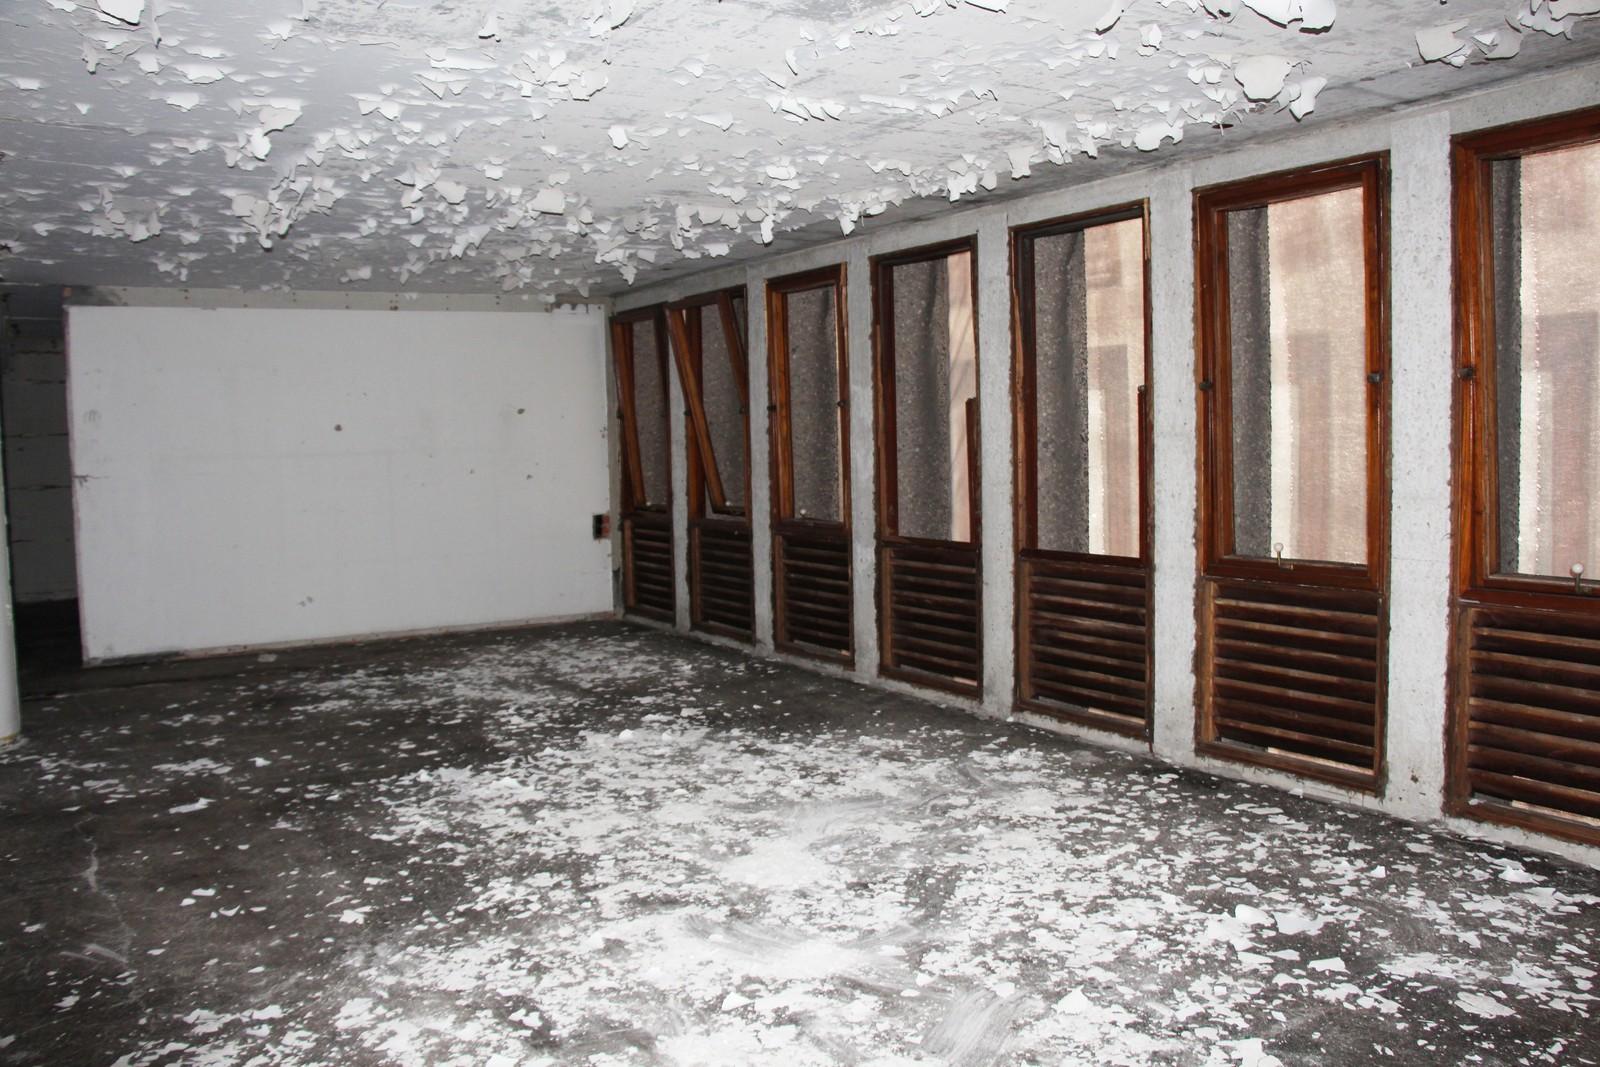 Høyblokka er en solid bygning. Selv om det flasser maling og tapet fra veggene og taket, har den en sterk struktur.